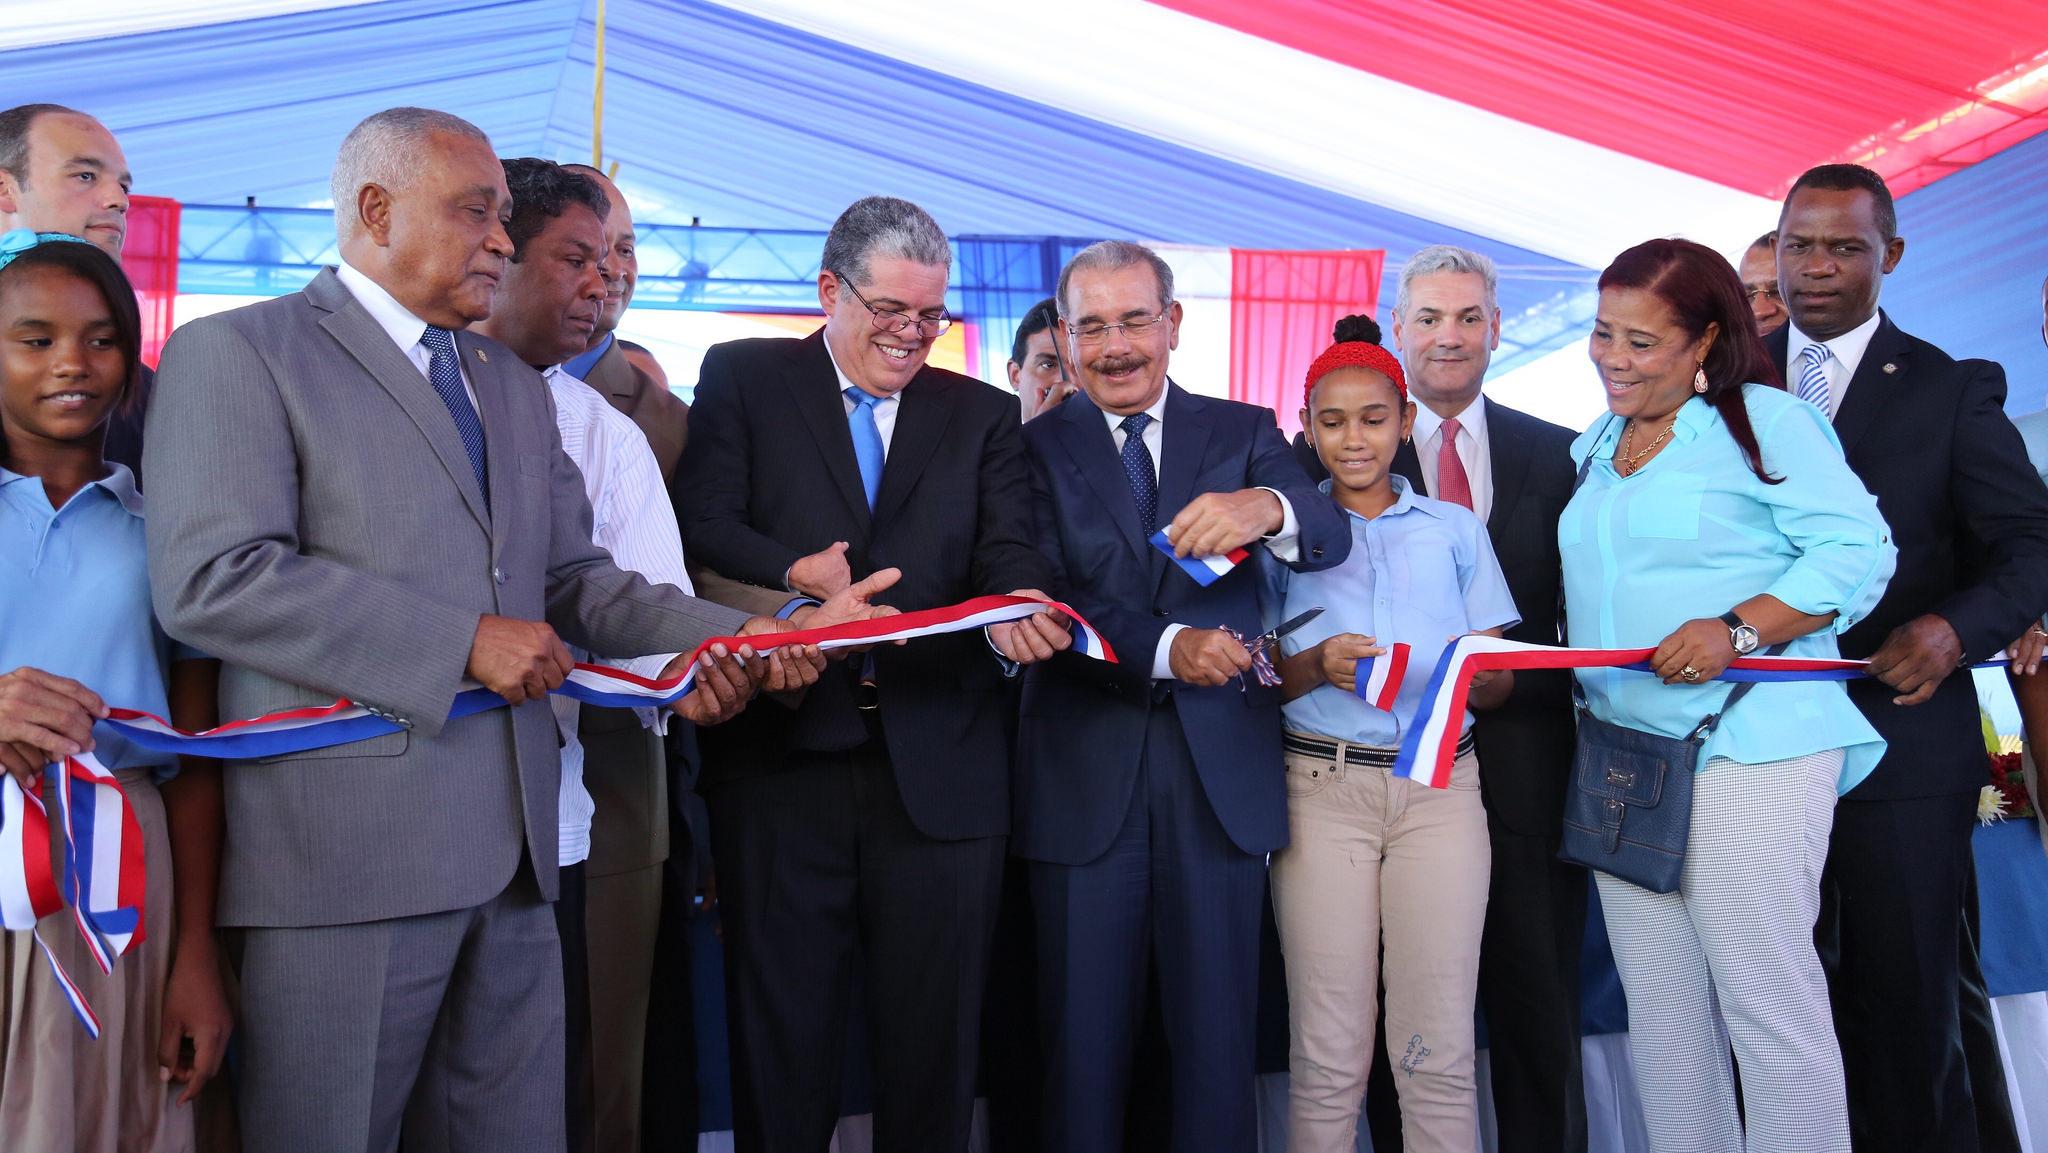 Medina inaugura tres escuela y una biblioteca en Barahona